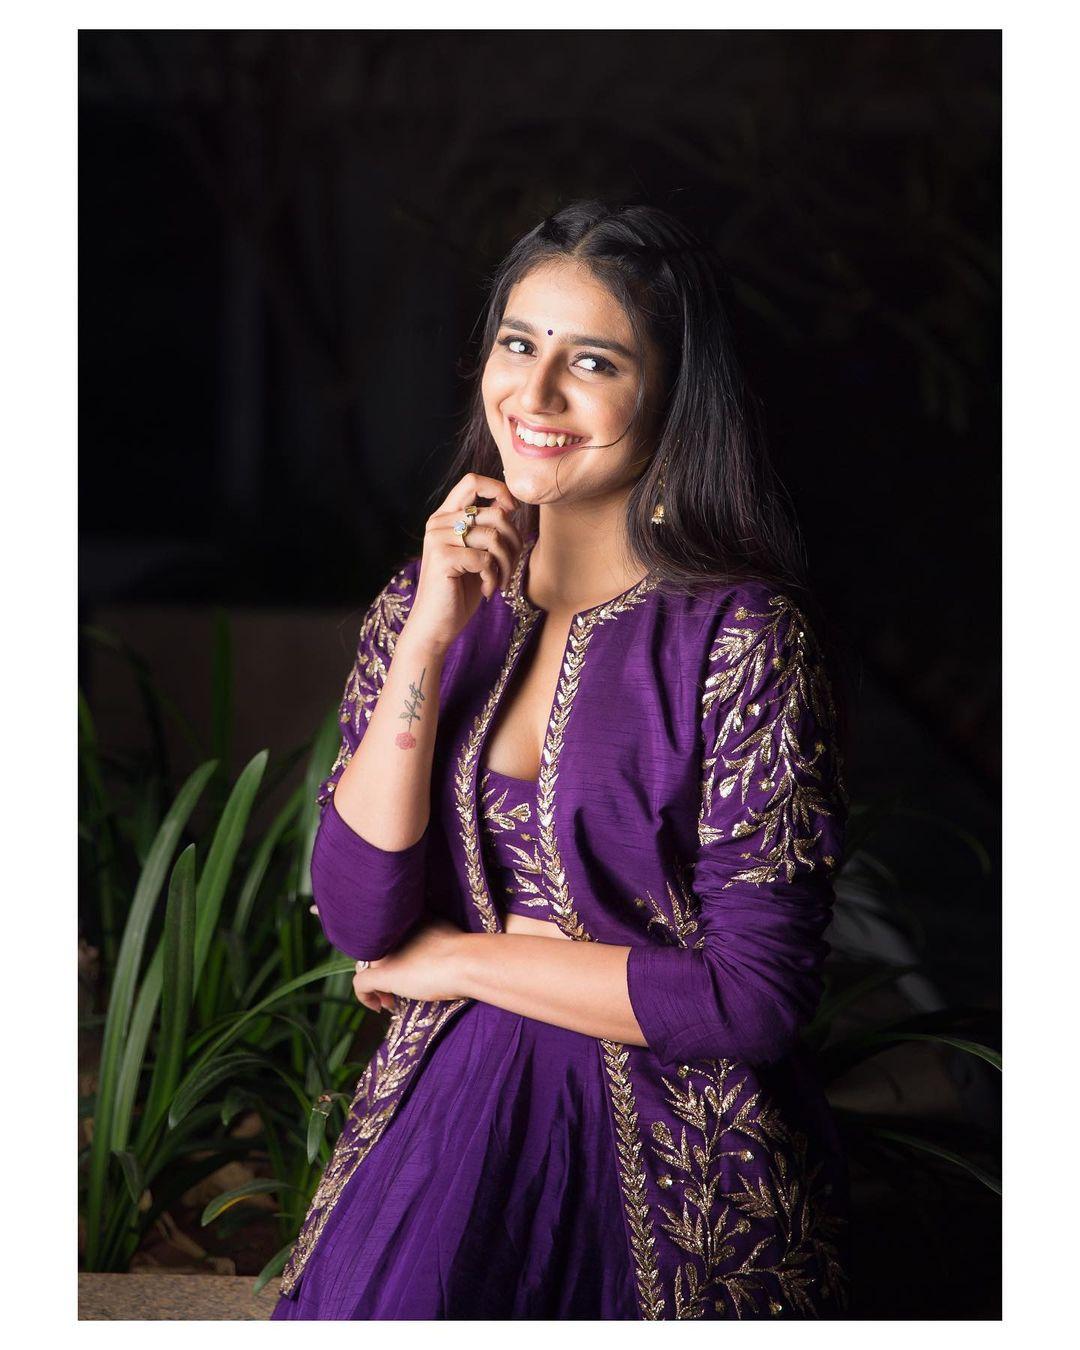 நடிகை ப்ரியா பிரகாஷ் வாரியர் 2019 ஆம் ஆண்டு வெளியான 'ஒரு அடார் லவ் ' என்ற திரைப்படத்தின் மூலம் மிகவும் பிரபலமடைந்தார்.